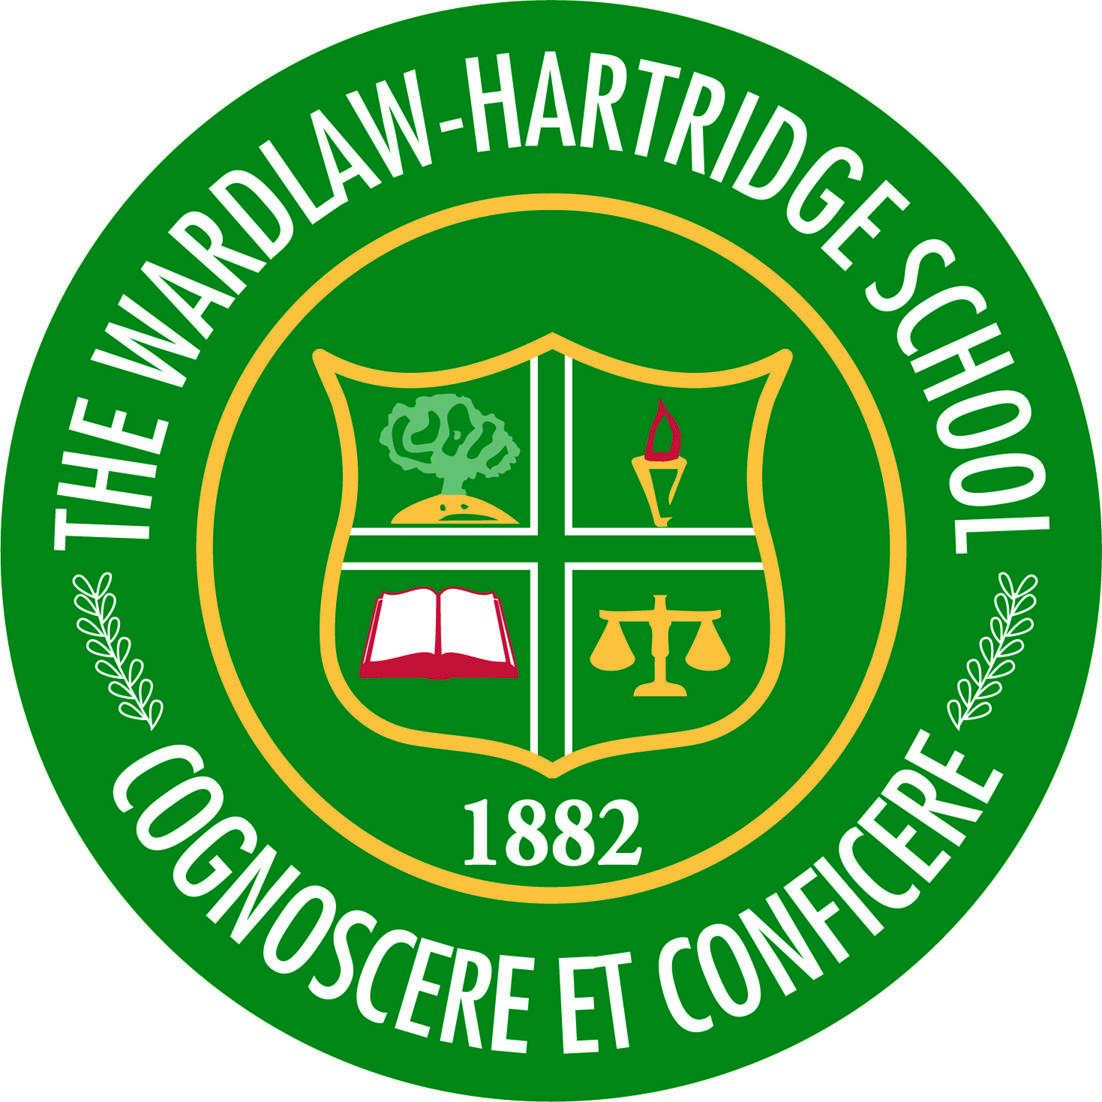 311c5b262a644bf05bd7_Wardlaw_Hartridge_logo.jpg